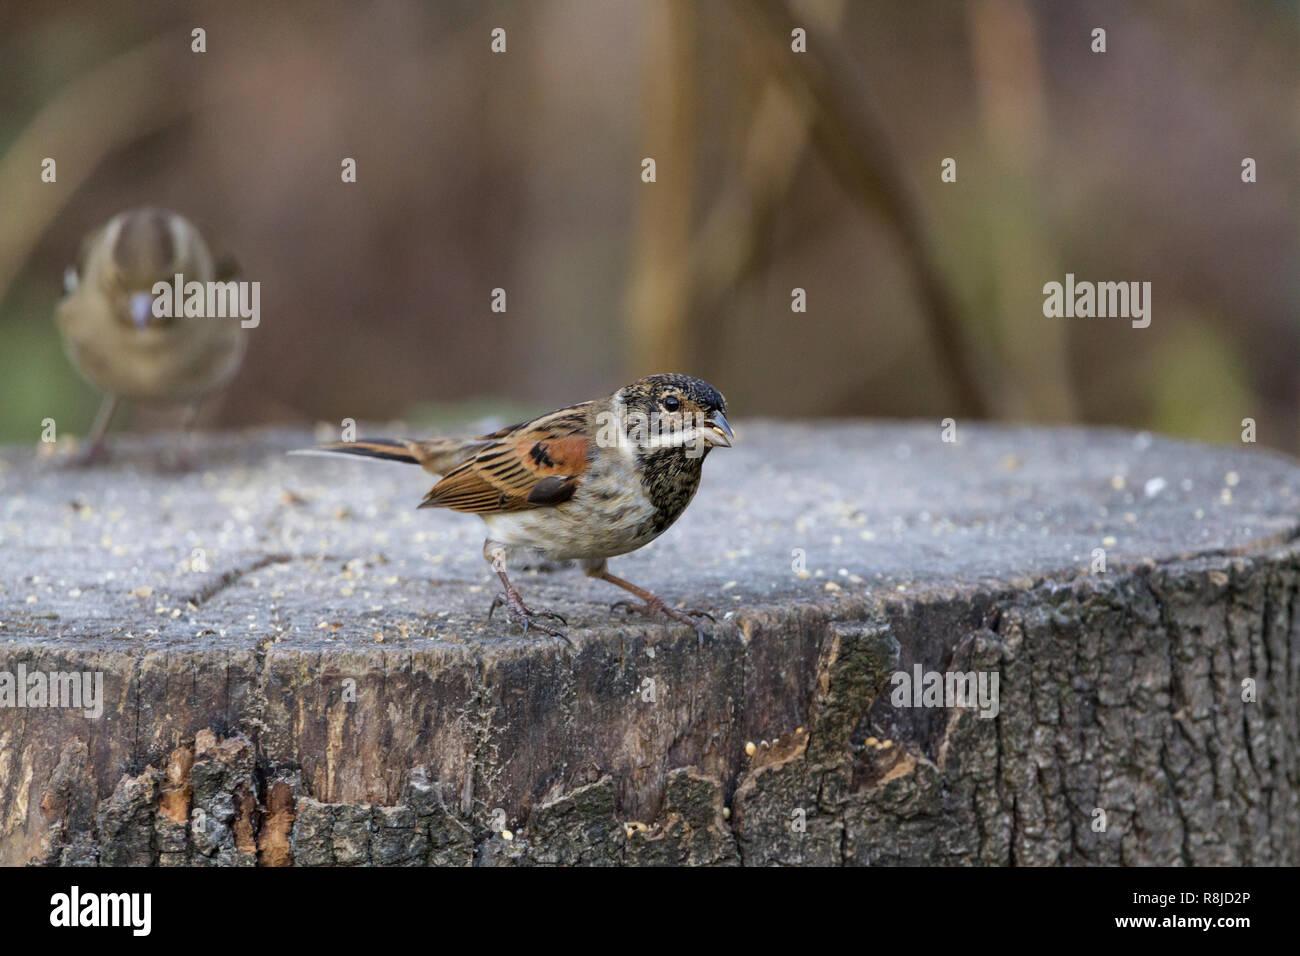 Reed bunting (Emberiza schoeniclus) testa grande esterno bianco piume di coda striature marrone piumaggio invernale. Collare bianco nero della testa e della gola. Sul moncone. Immagini Stock